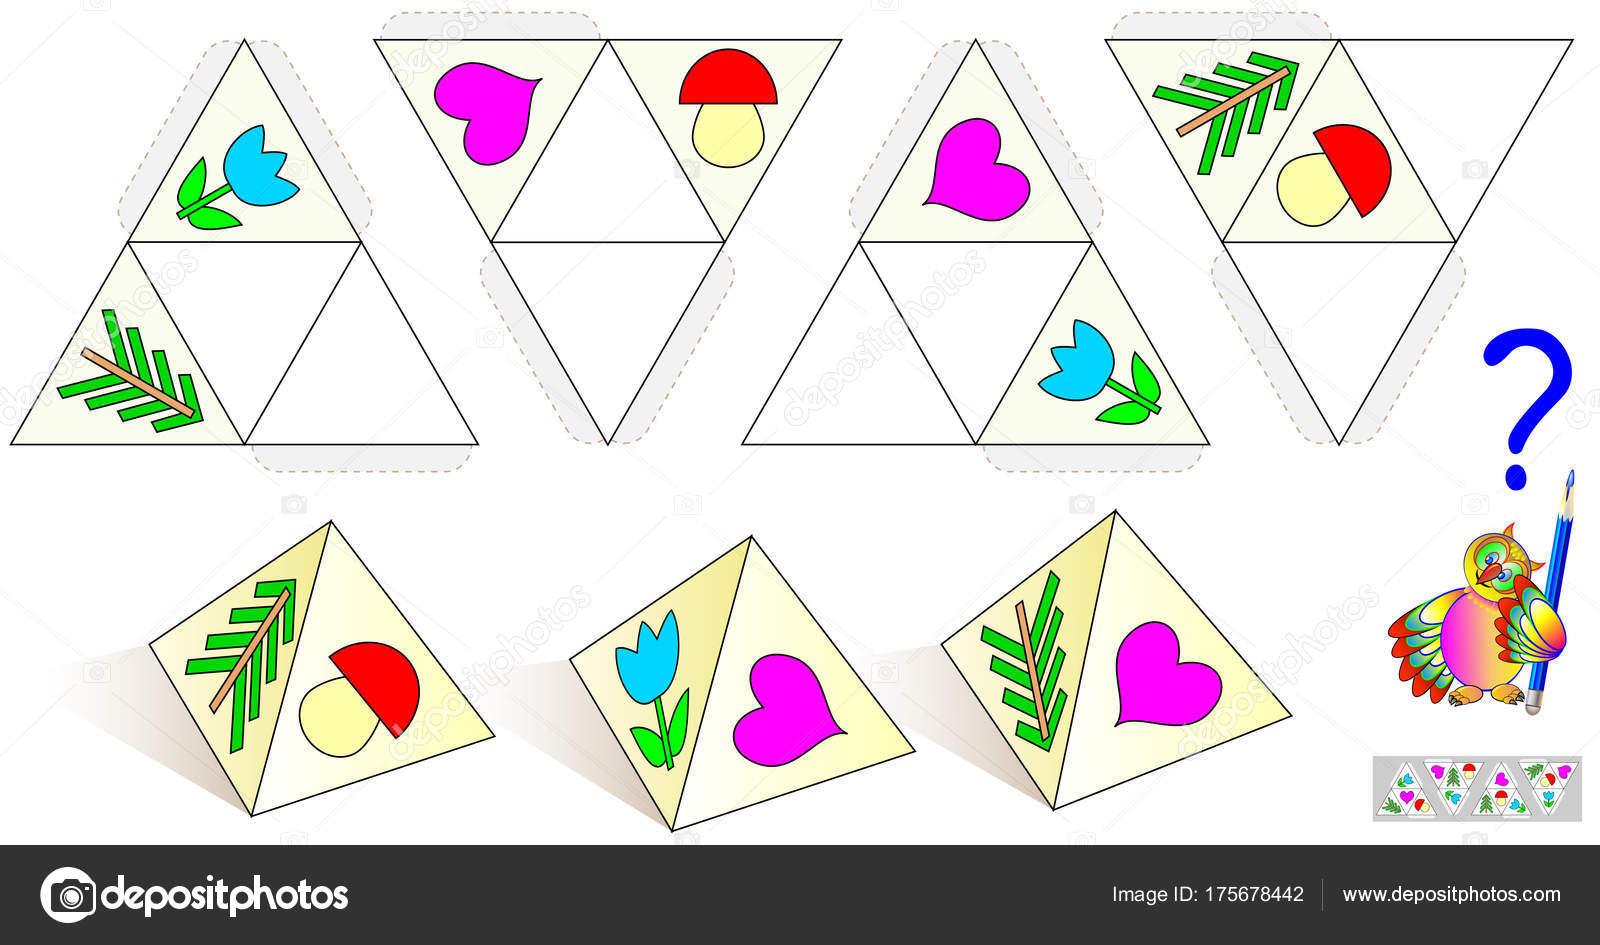 Logik Puzzle Spiel Zeichnen Sie Die Fehlenden Objekte Auf Muster ...